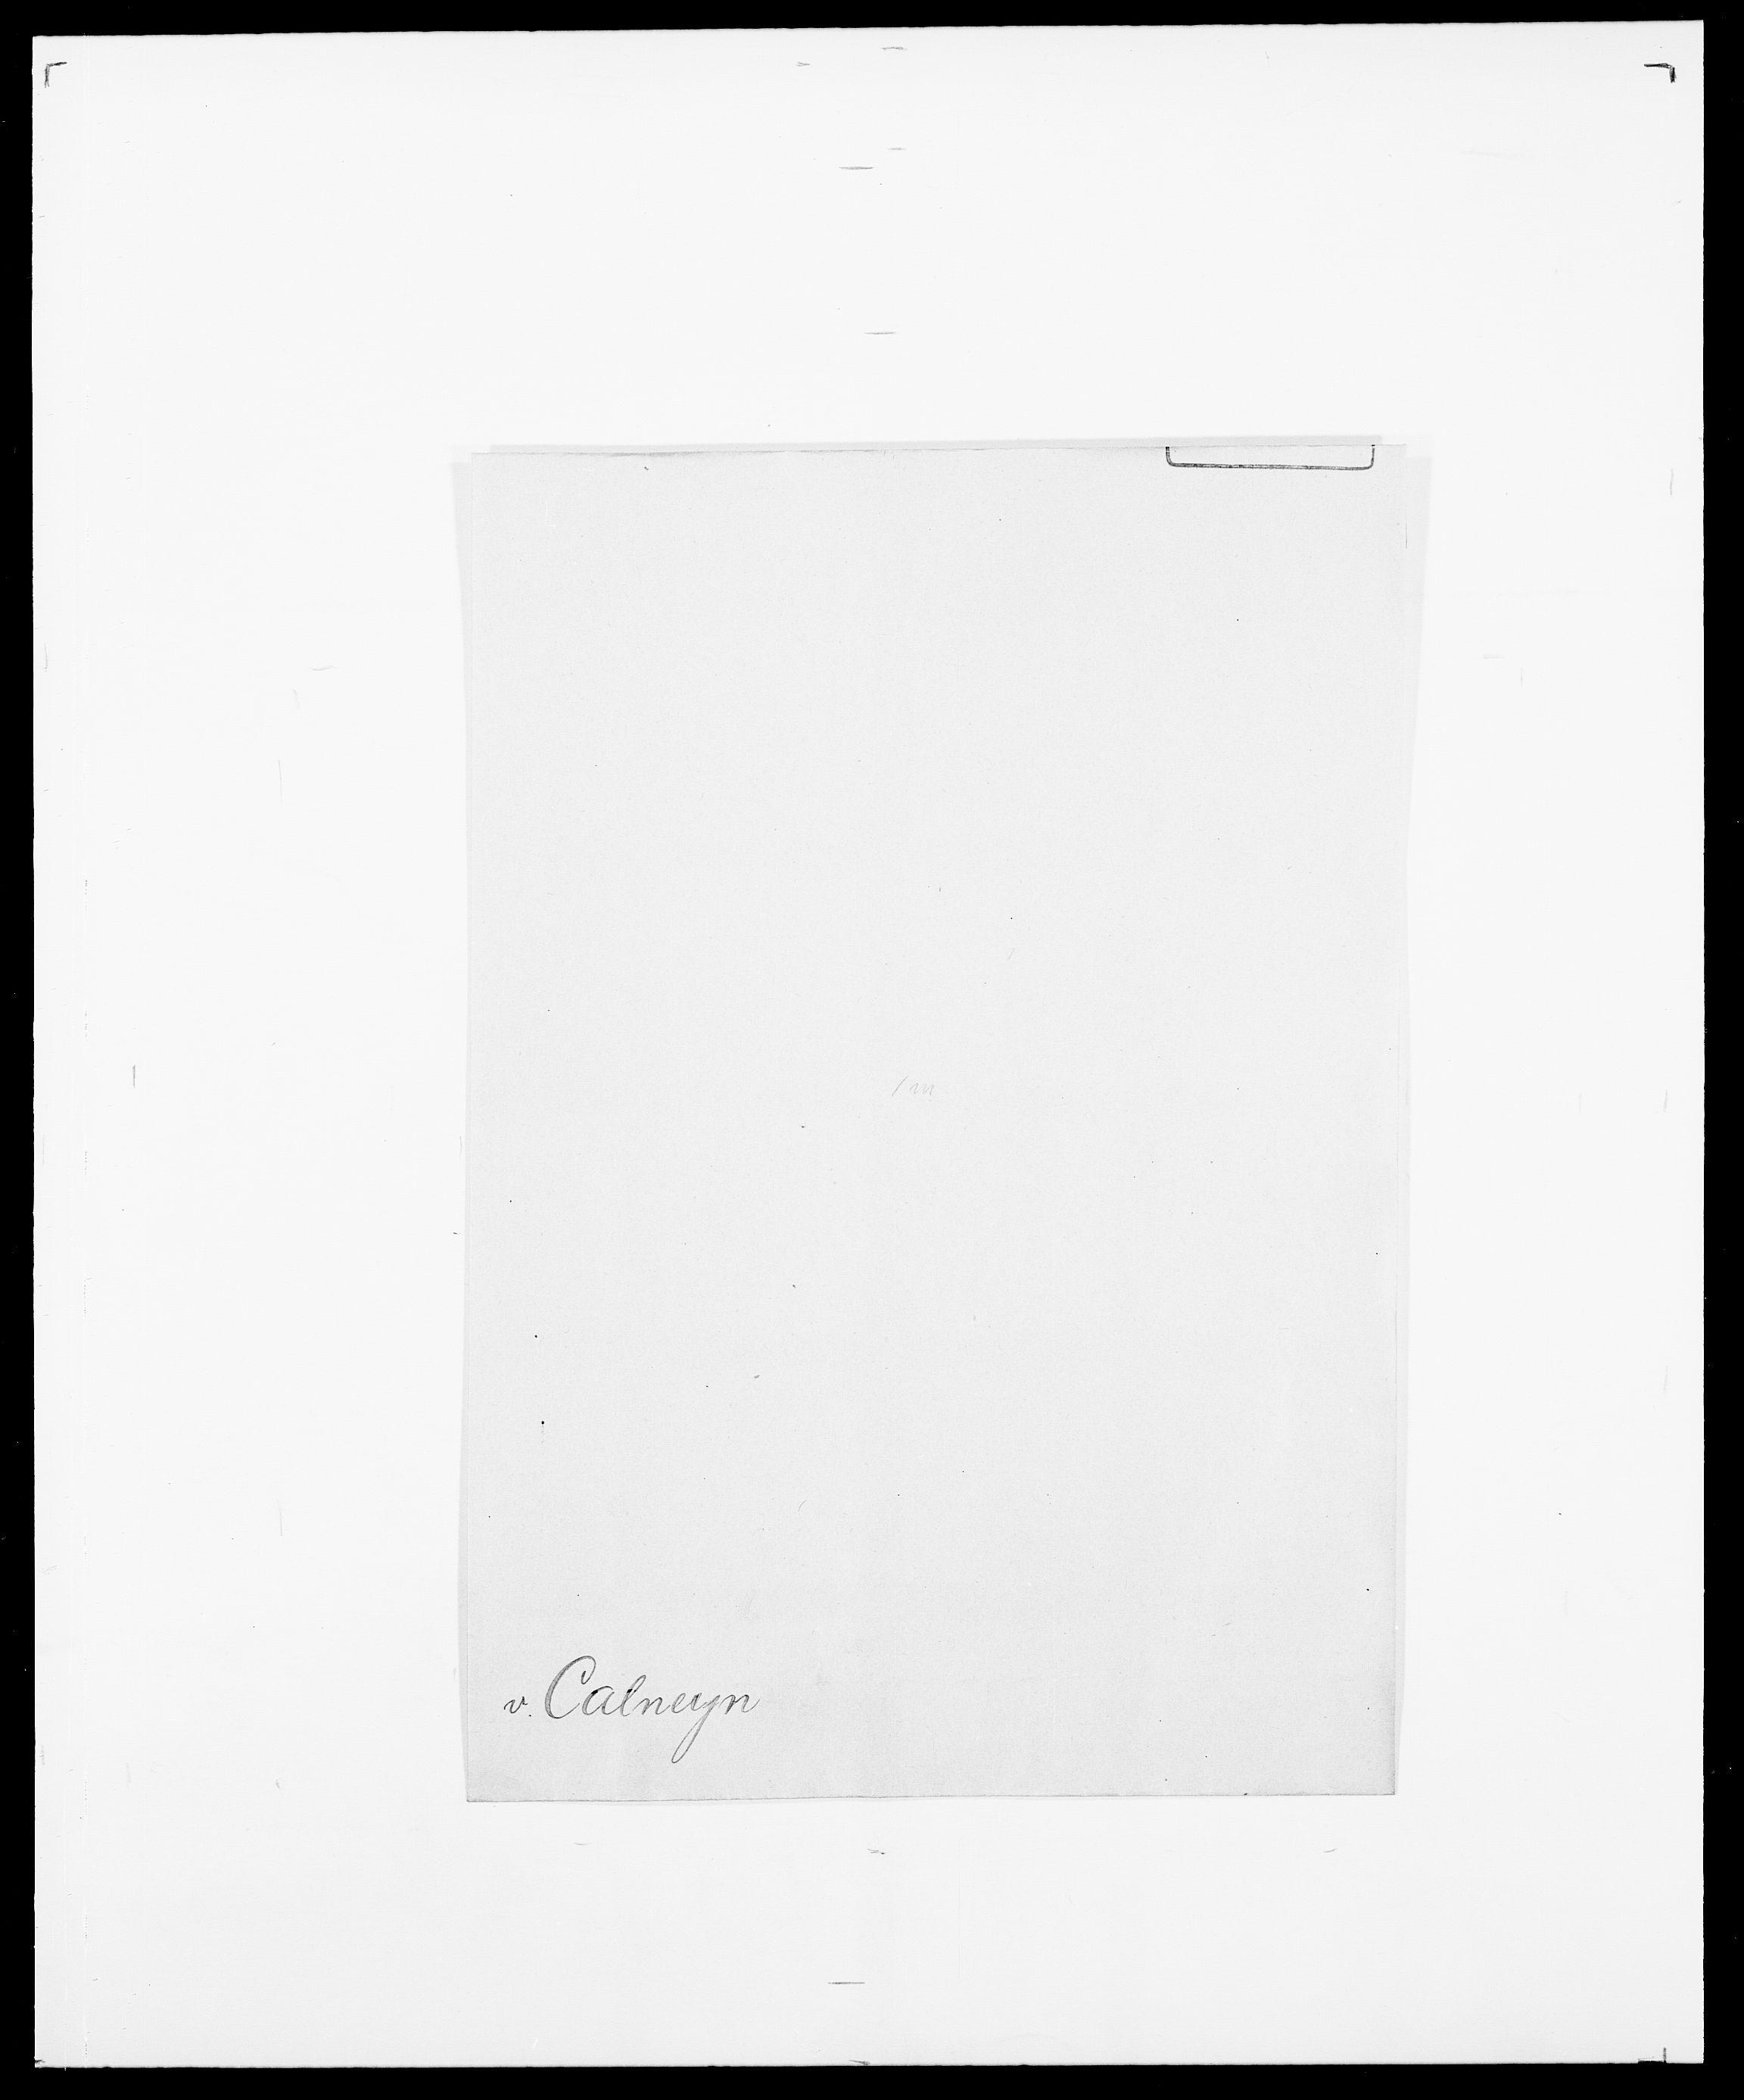 SAO, Delgobe, Charles Antoine - samling, D/Da/L0007: Buaas - Caphengst, s. 833